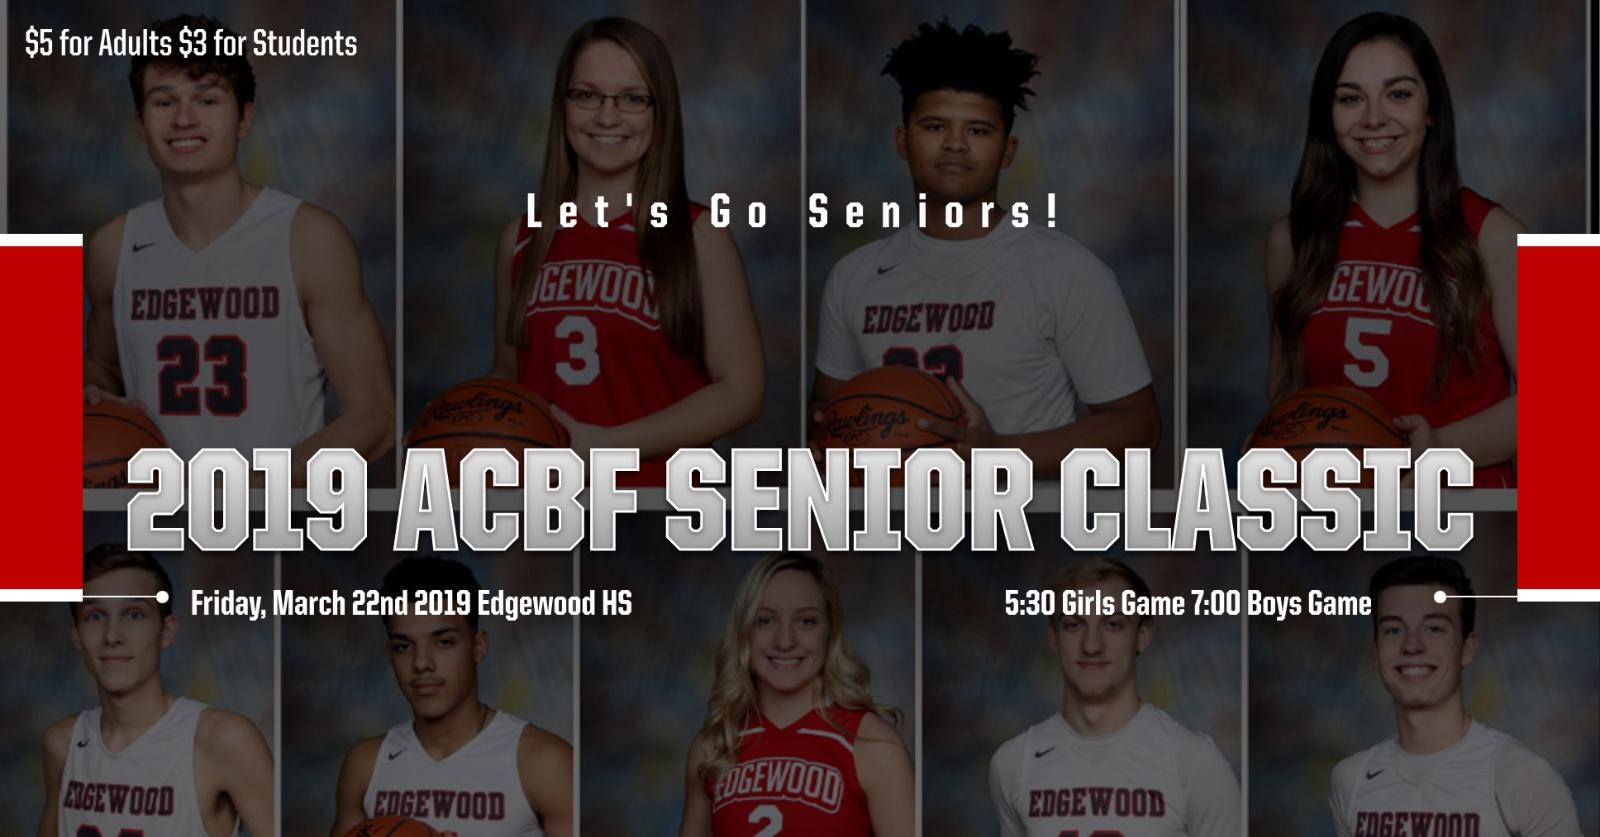 2019 ACBF Senior Classic This FRIDAY!